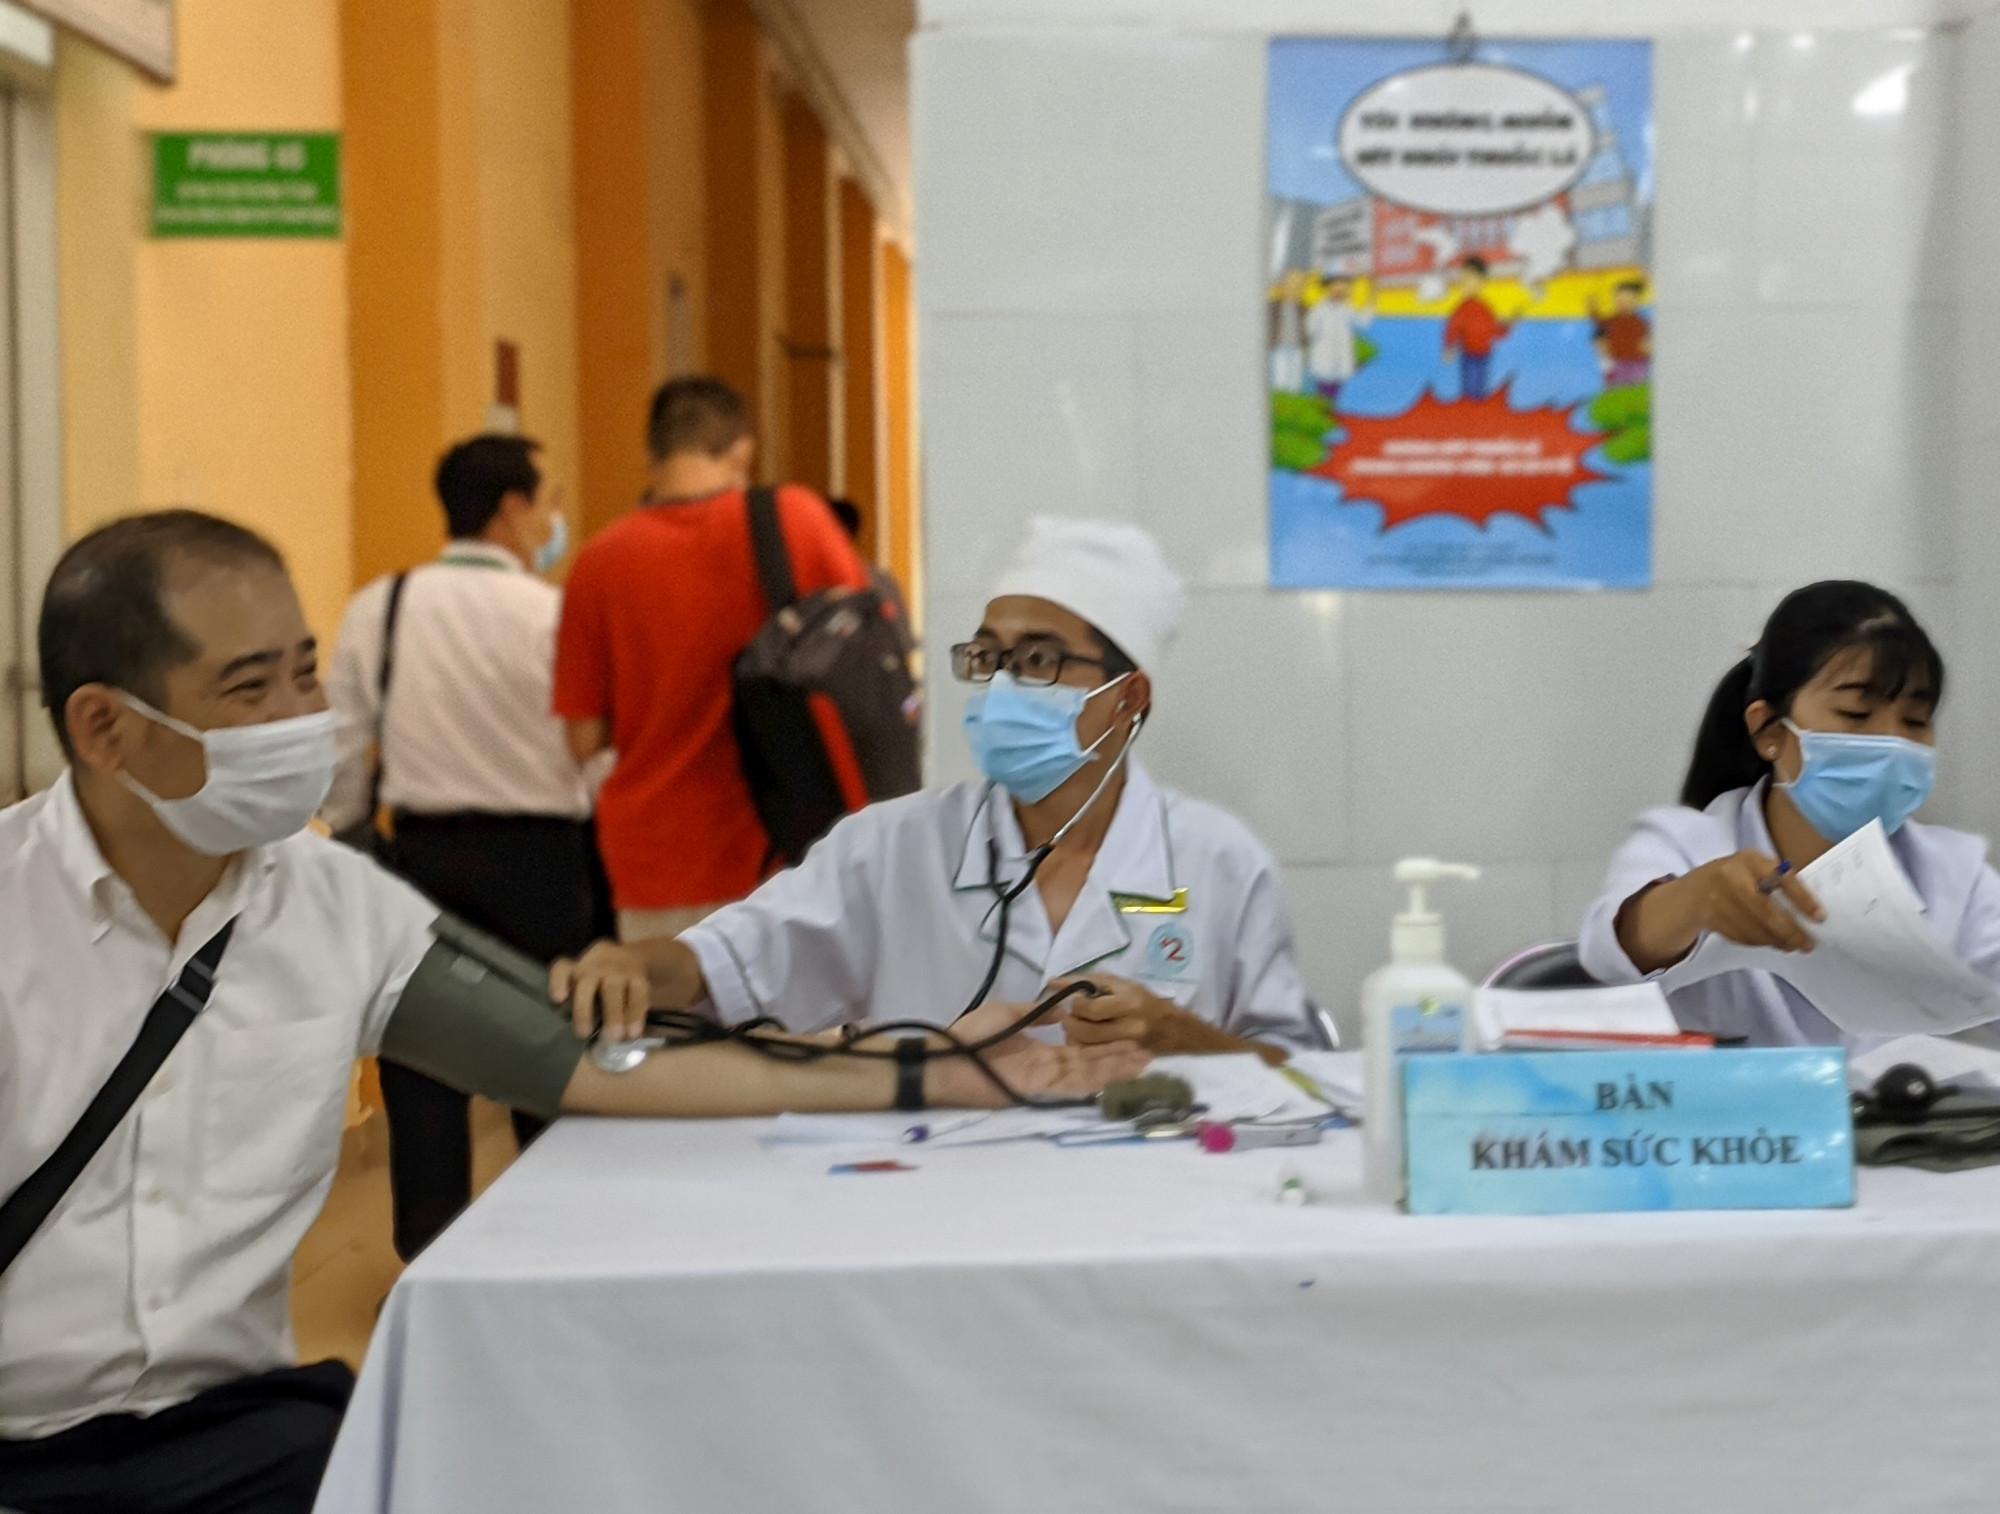 Bệnh nhân đến khám sức khỏe tại Bệnh viện Lê Văn Thịnh, TP Thủ Đức